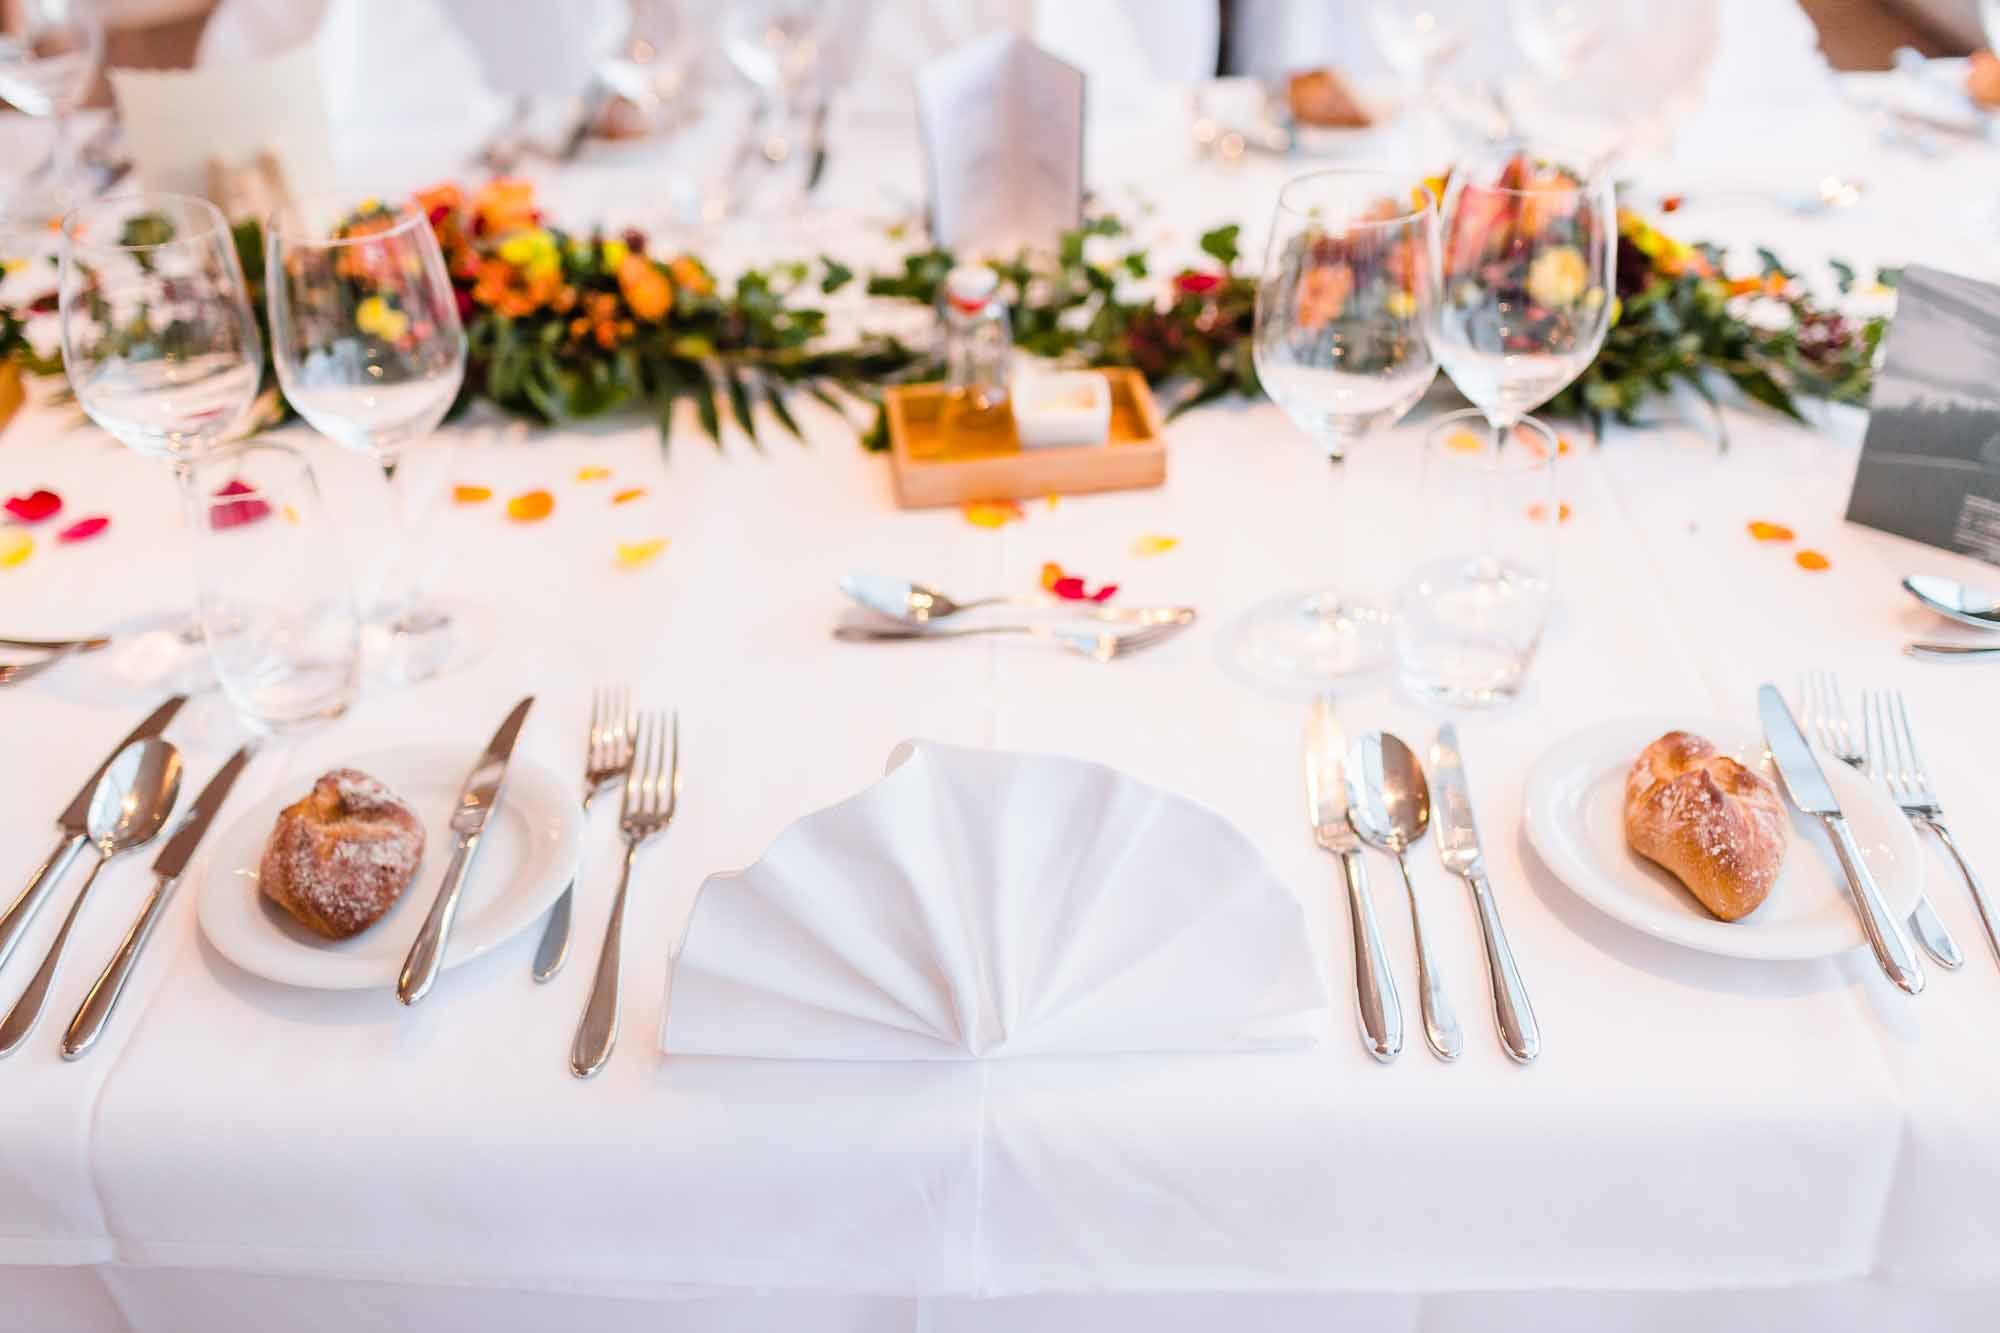 Tischdekoration Hochzeit Moosegg Emmental